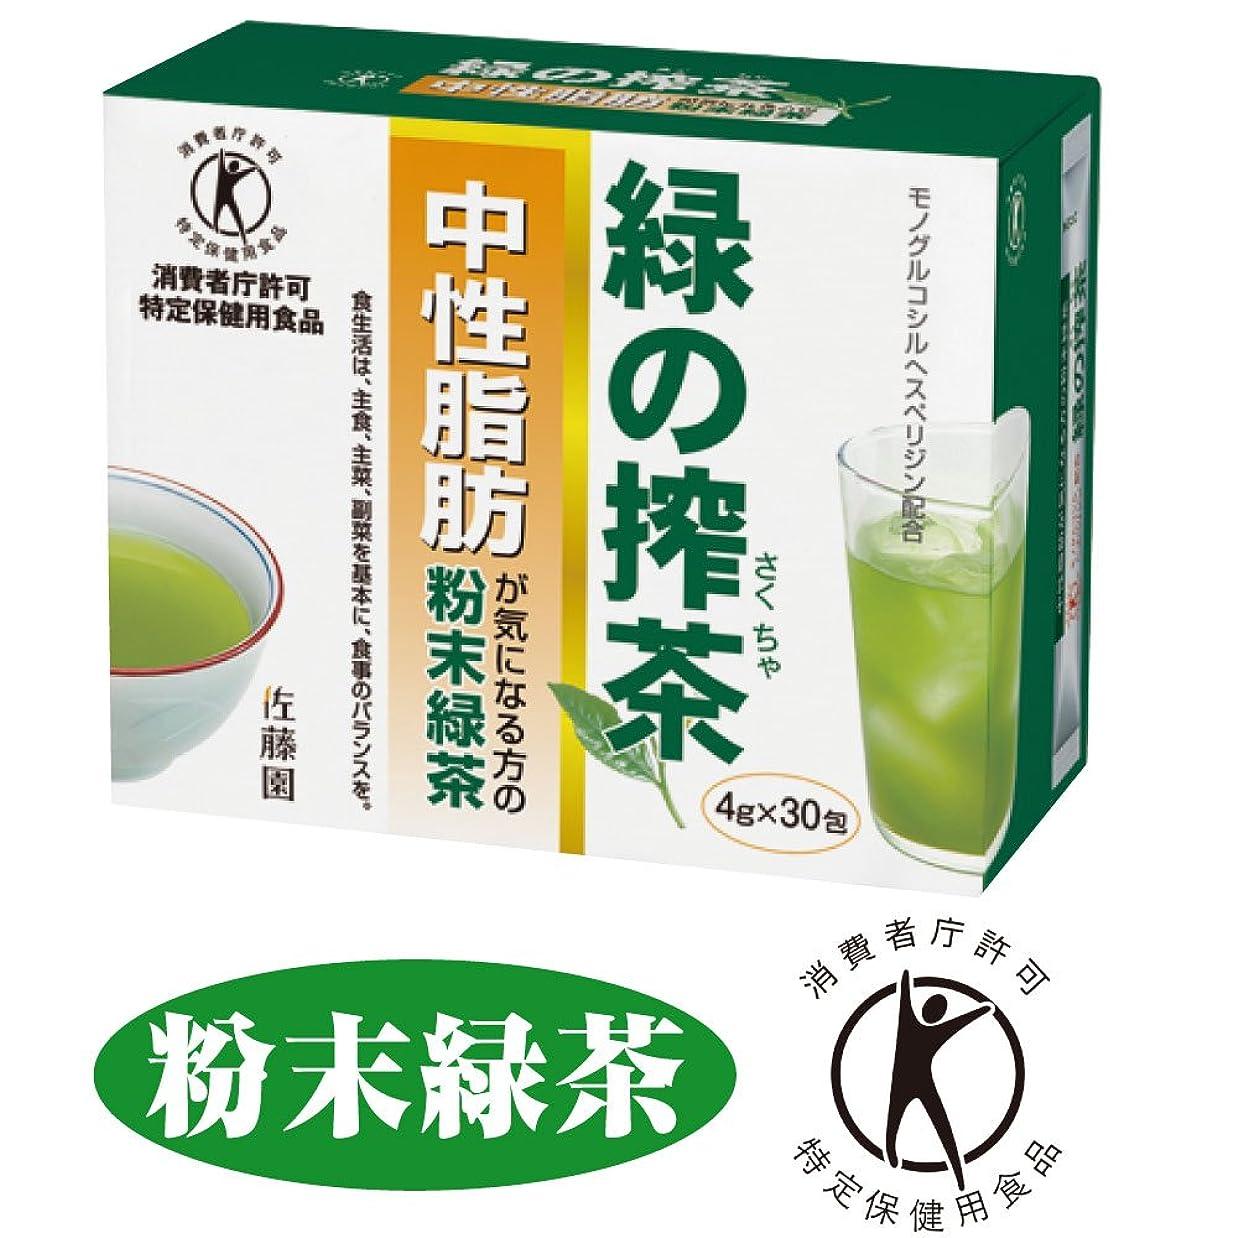 講師スポット期待して佐藤園のトクホのお茶 緑の搾茶(中性脂肪) 30包 [特定保健用食品]